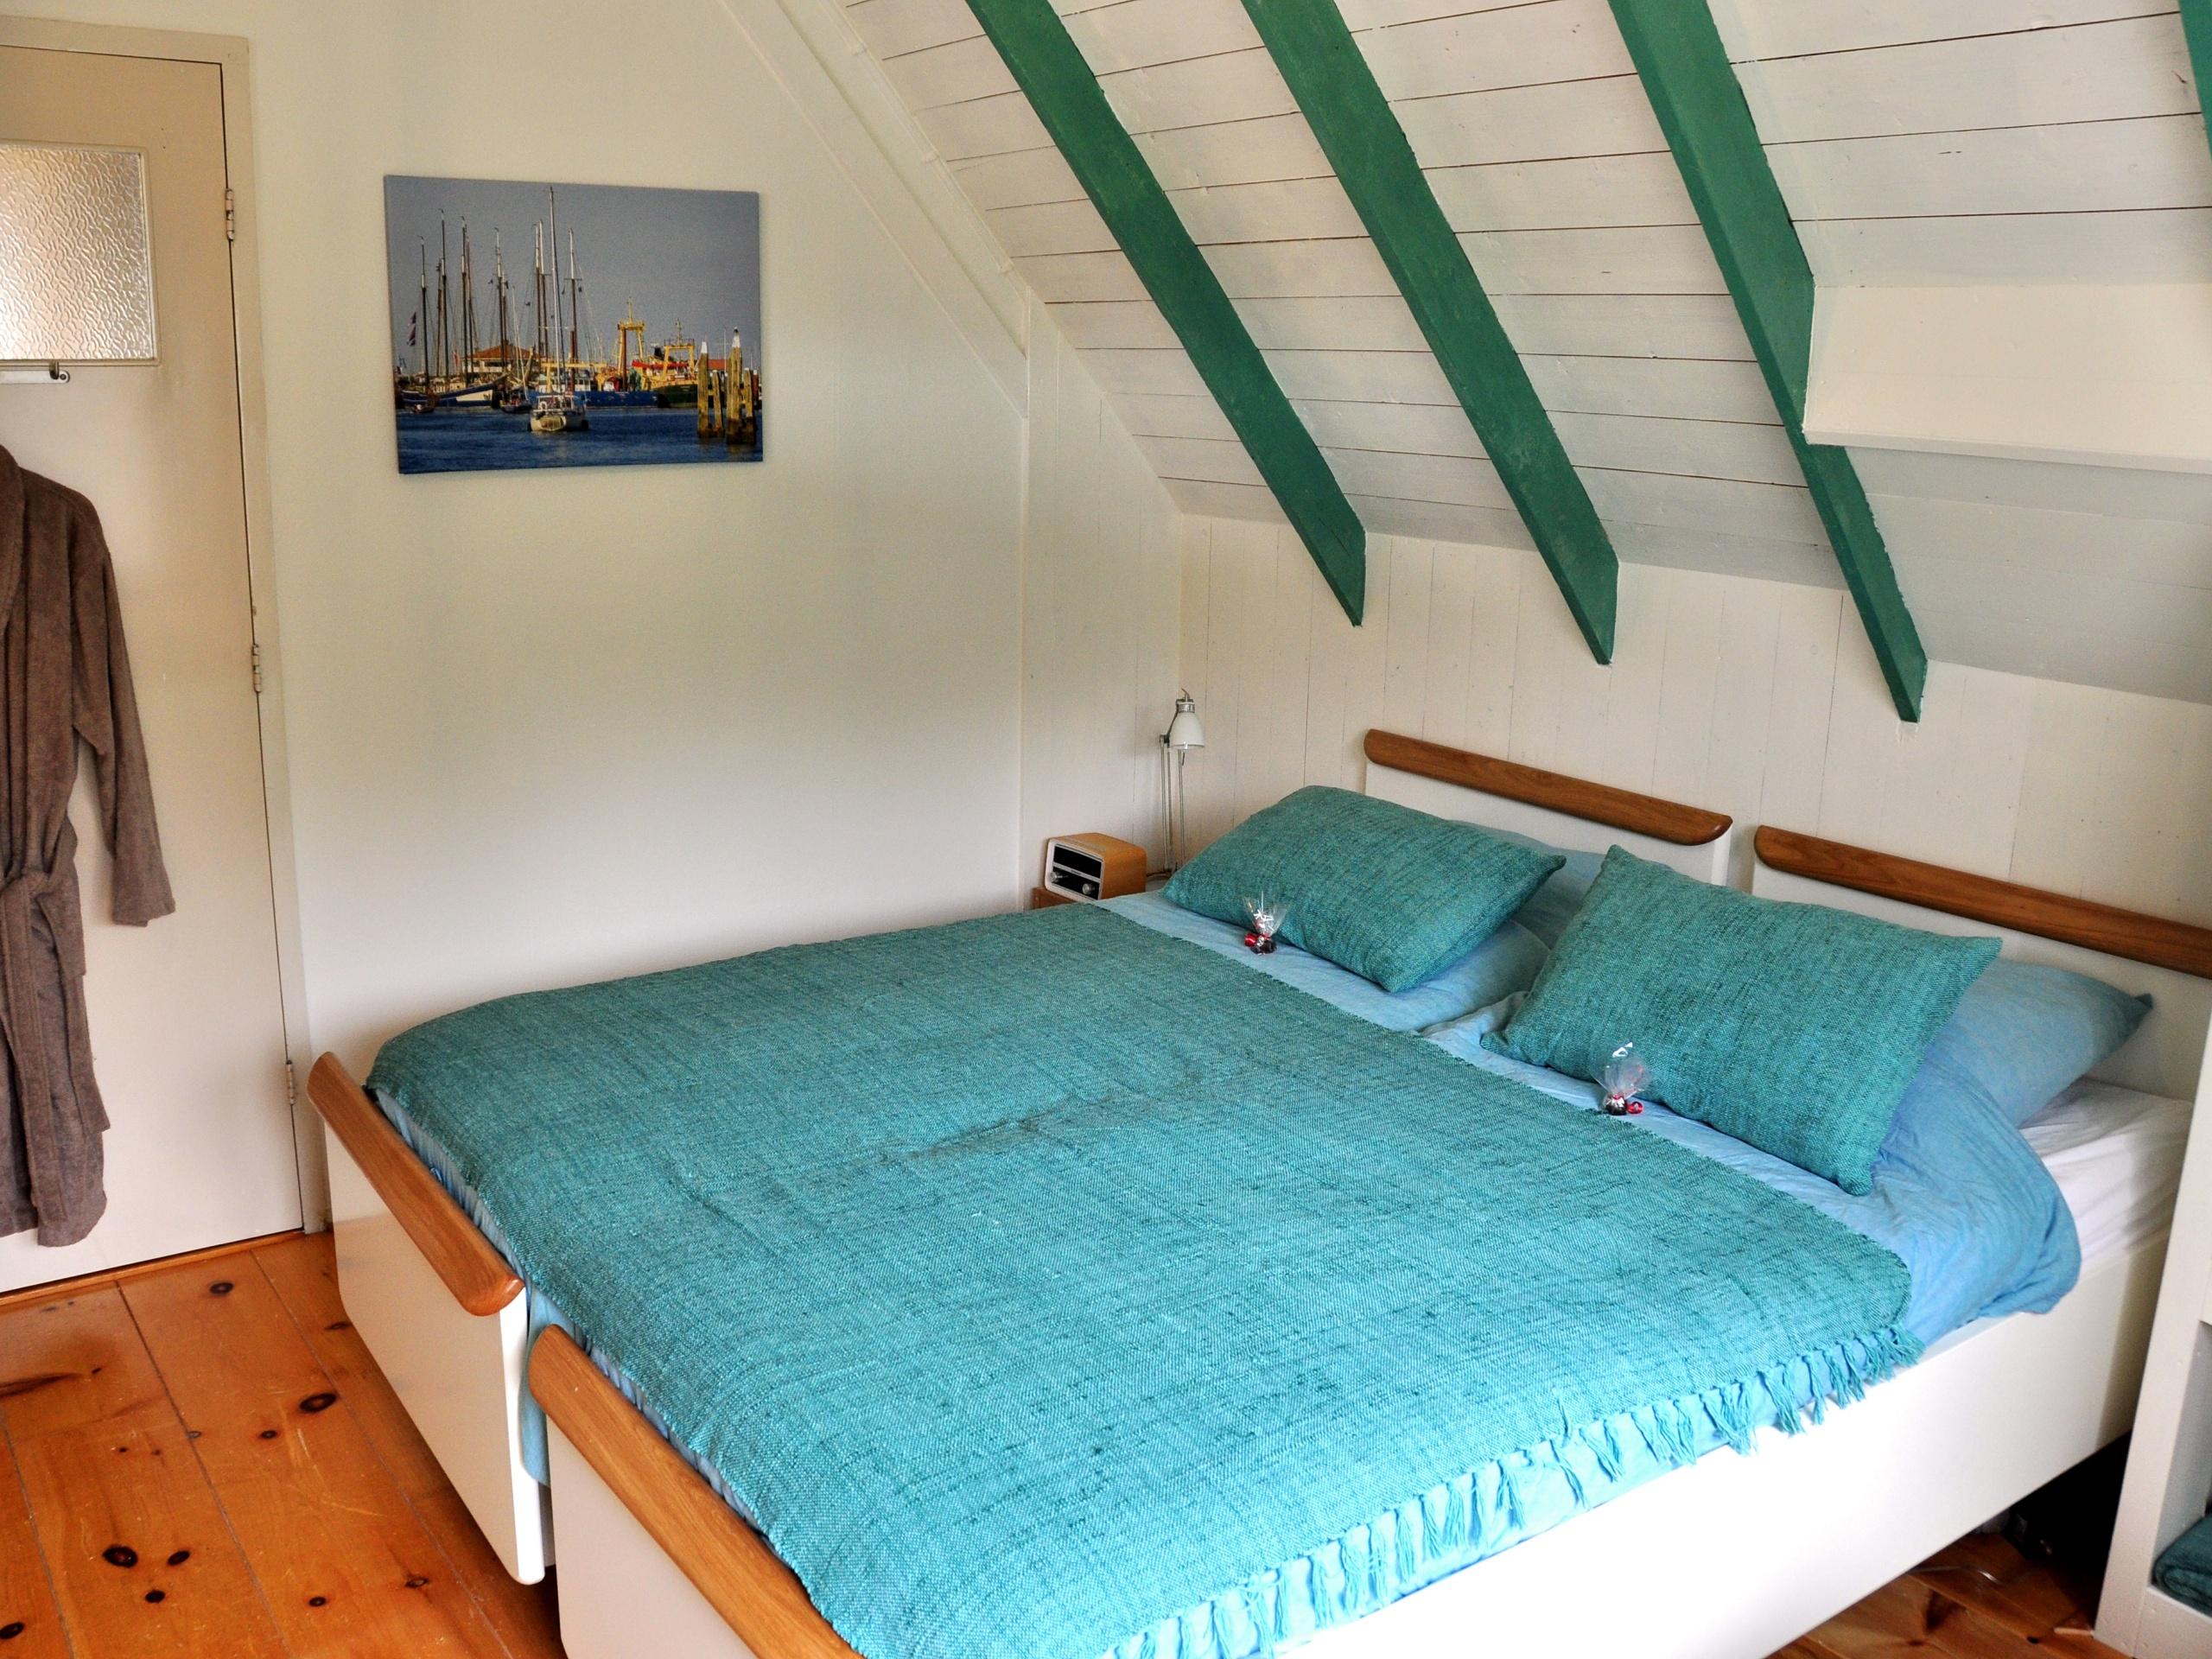 B&B in het vissersdorp Oudeschild met comfortabele kamers, heerlijk ontbijt en prachtige tuin